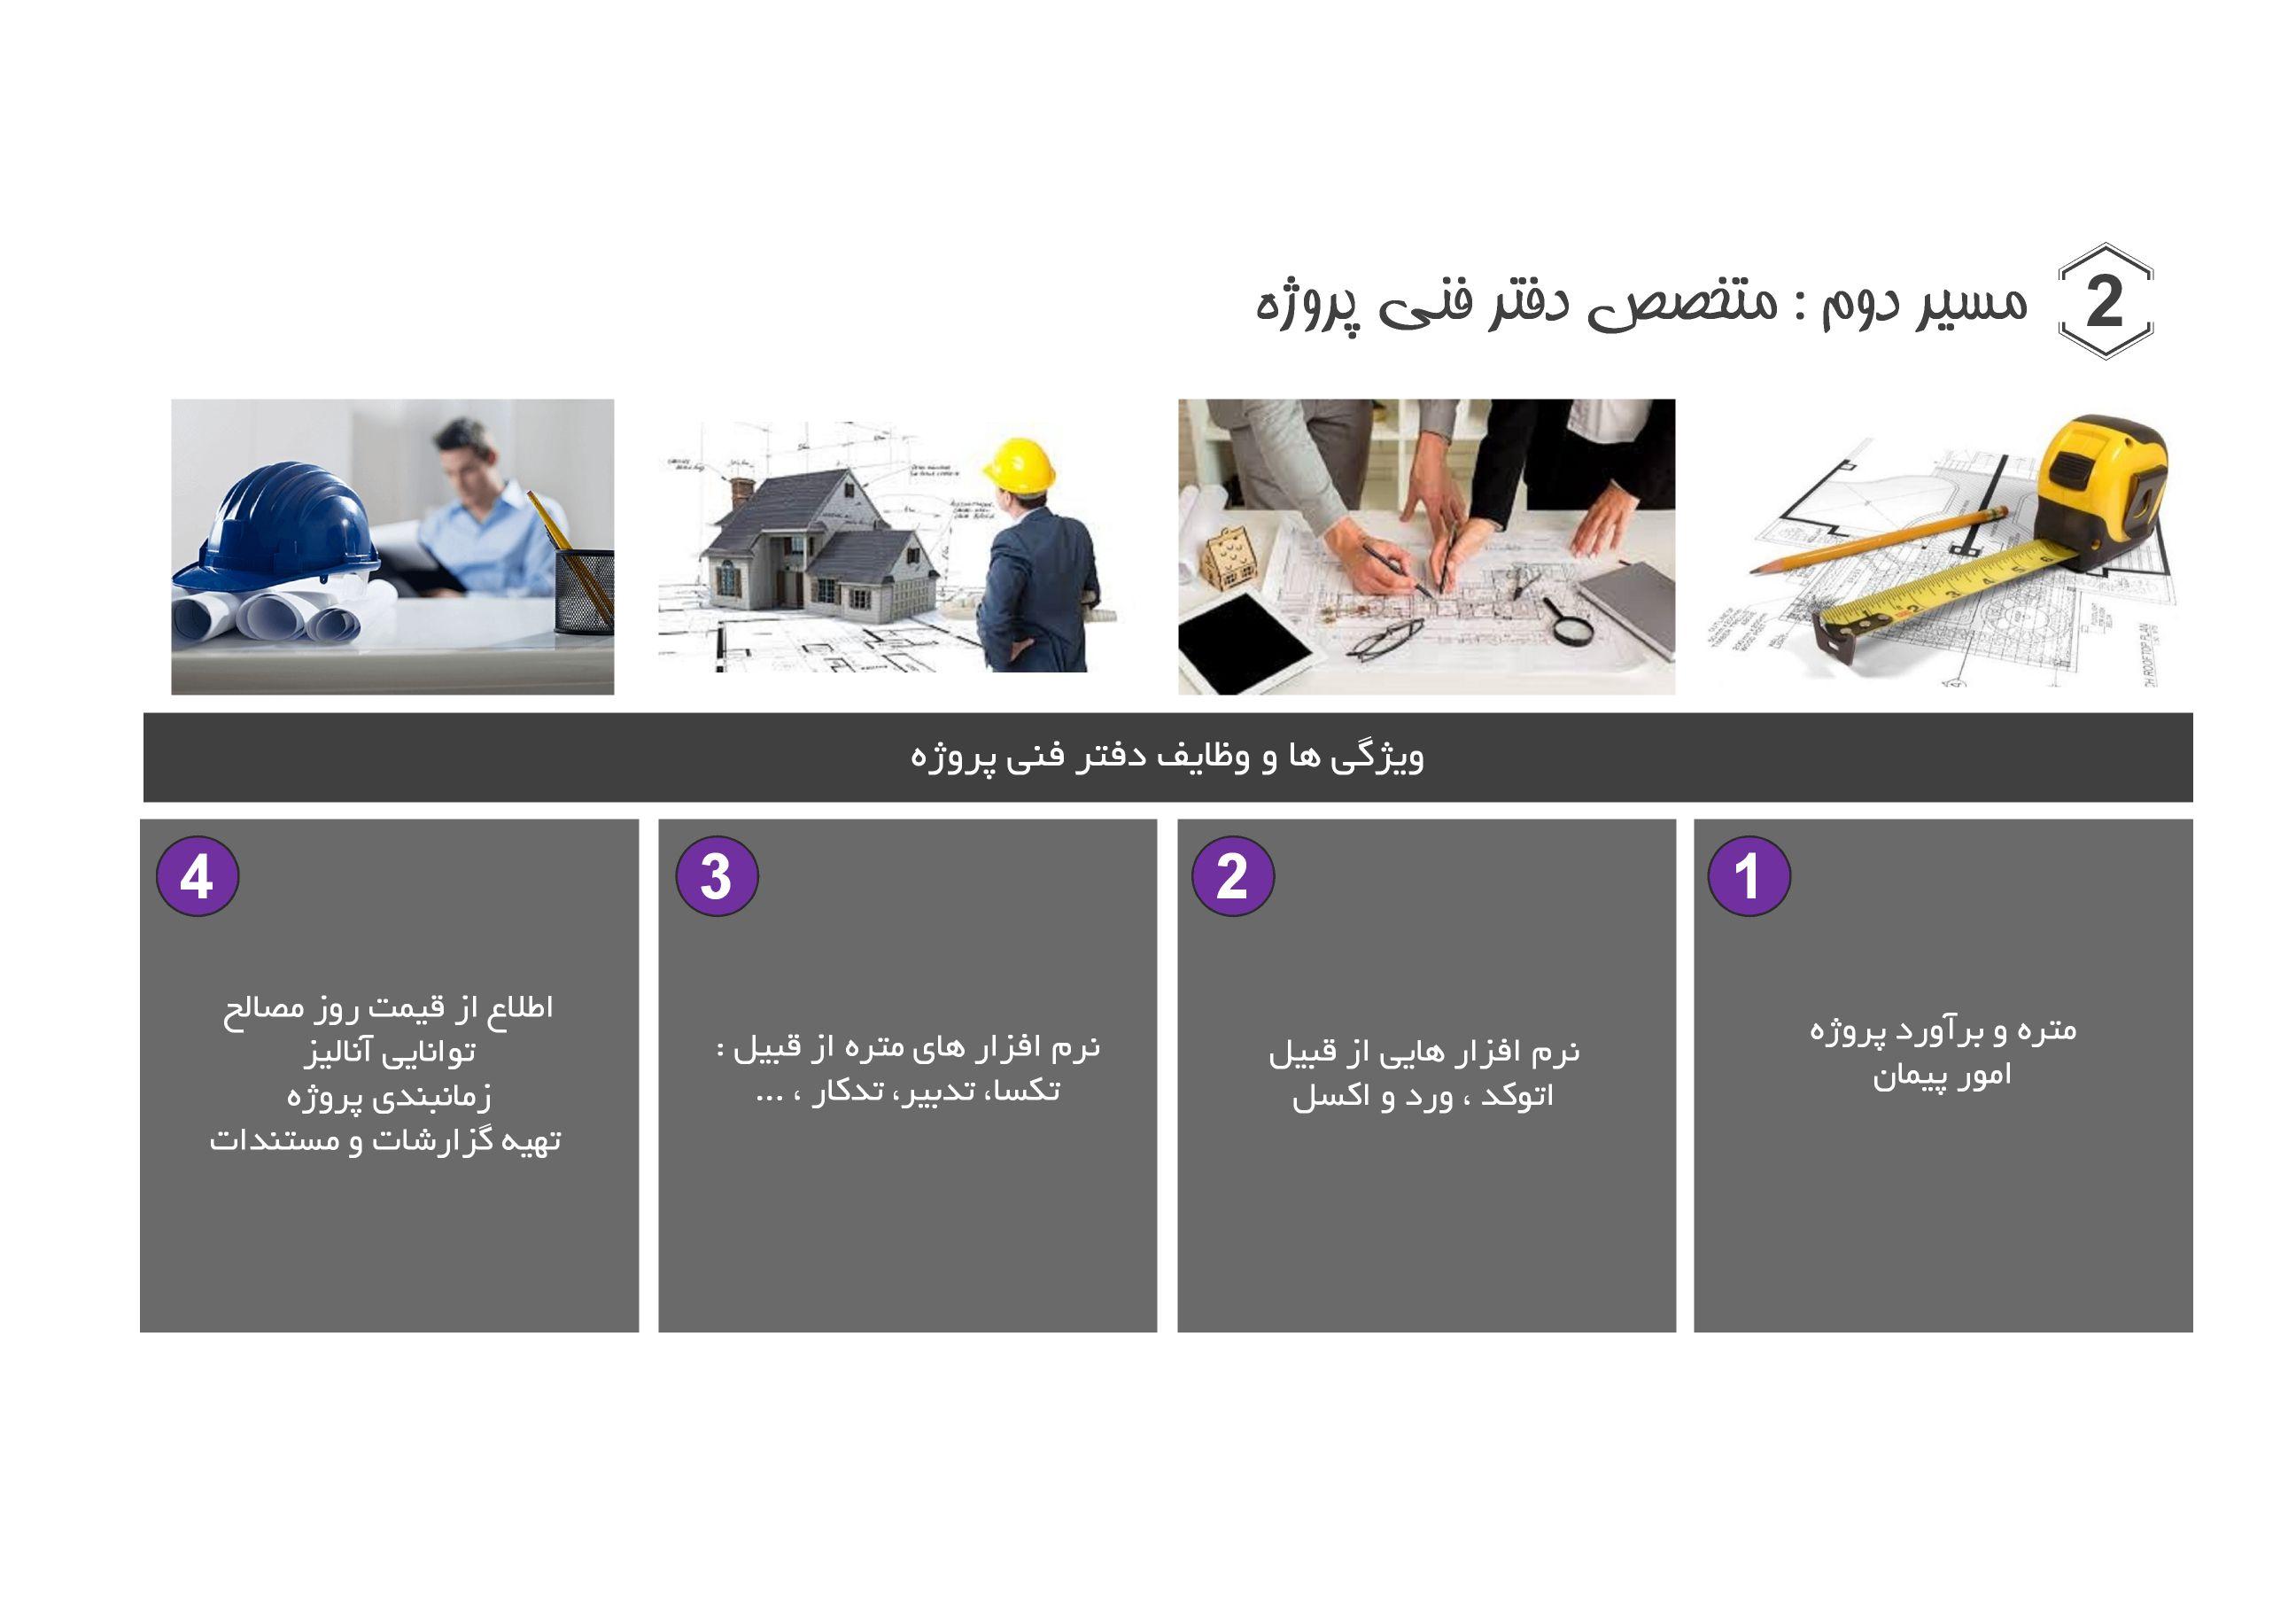 ویژگی های دفتر فنی پروژه های عمرانی - کسب و کار در مهندسی عمران